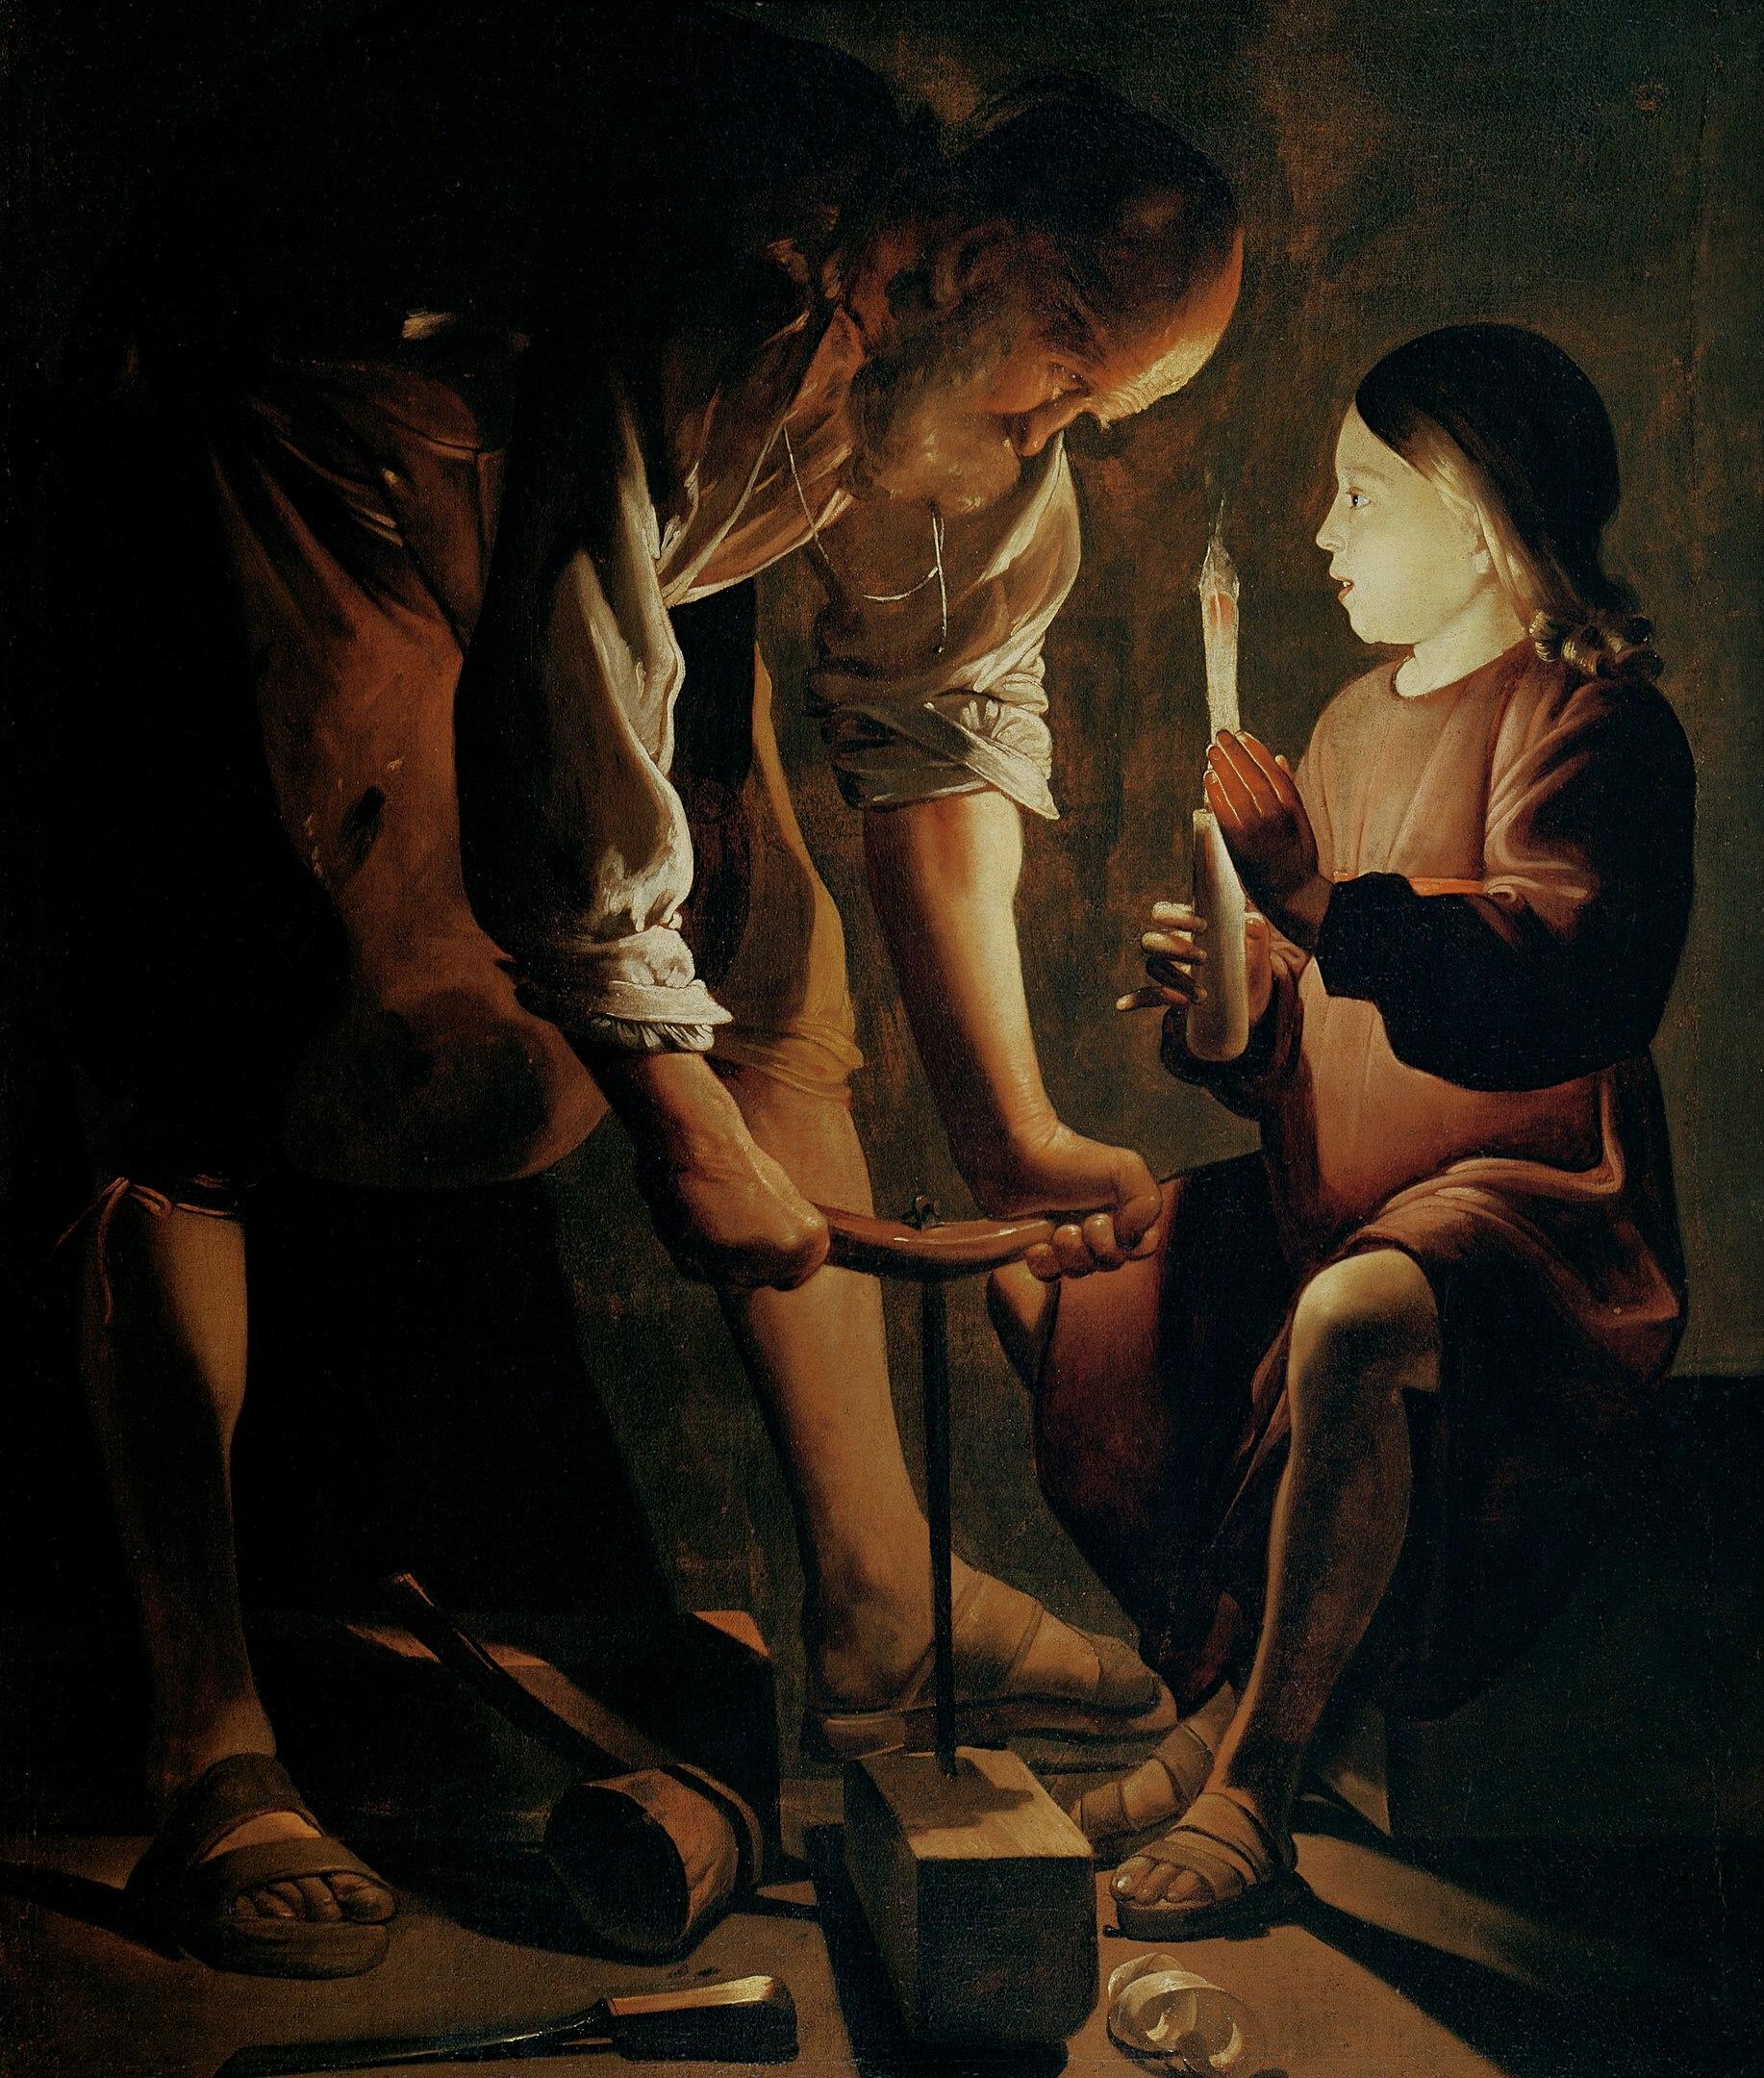 Saint Joseph charpentier, de Georges de La Tour, tableau de peinture, 1638-1645 - don au Musée du Louvre, Paris © Percy Moore Turner, Londres, 1948 - Wikipedia public domain - photographe Sammyday